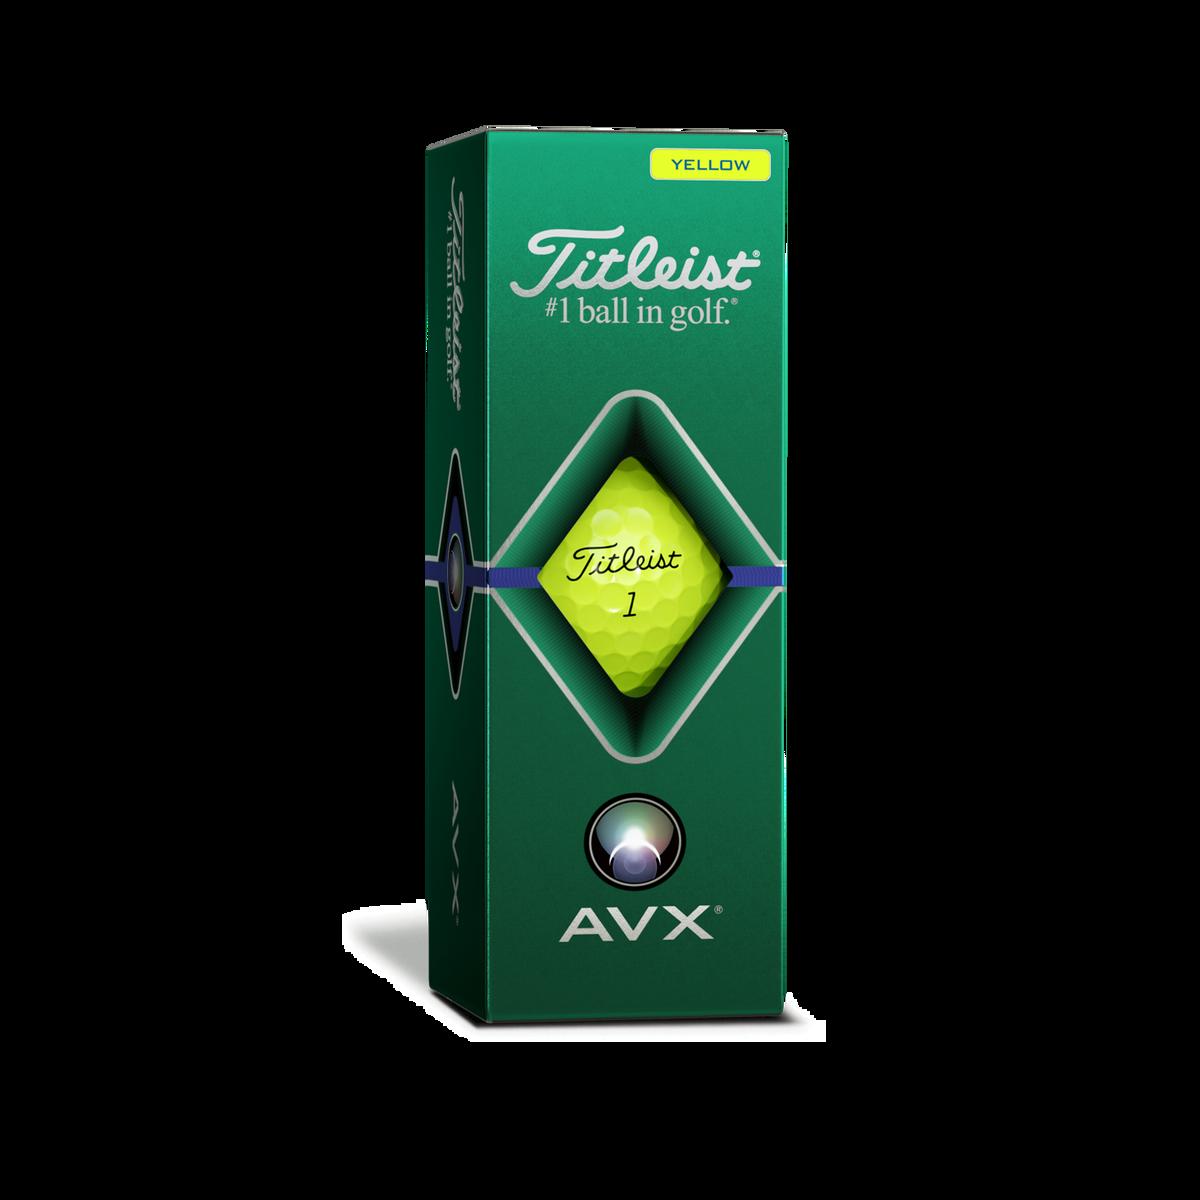 AVX Yellow